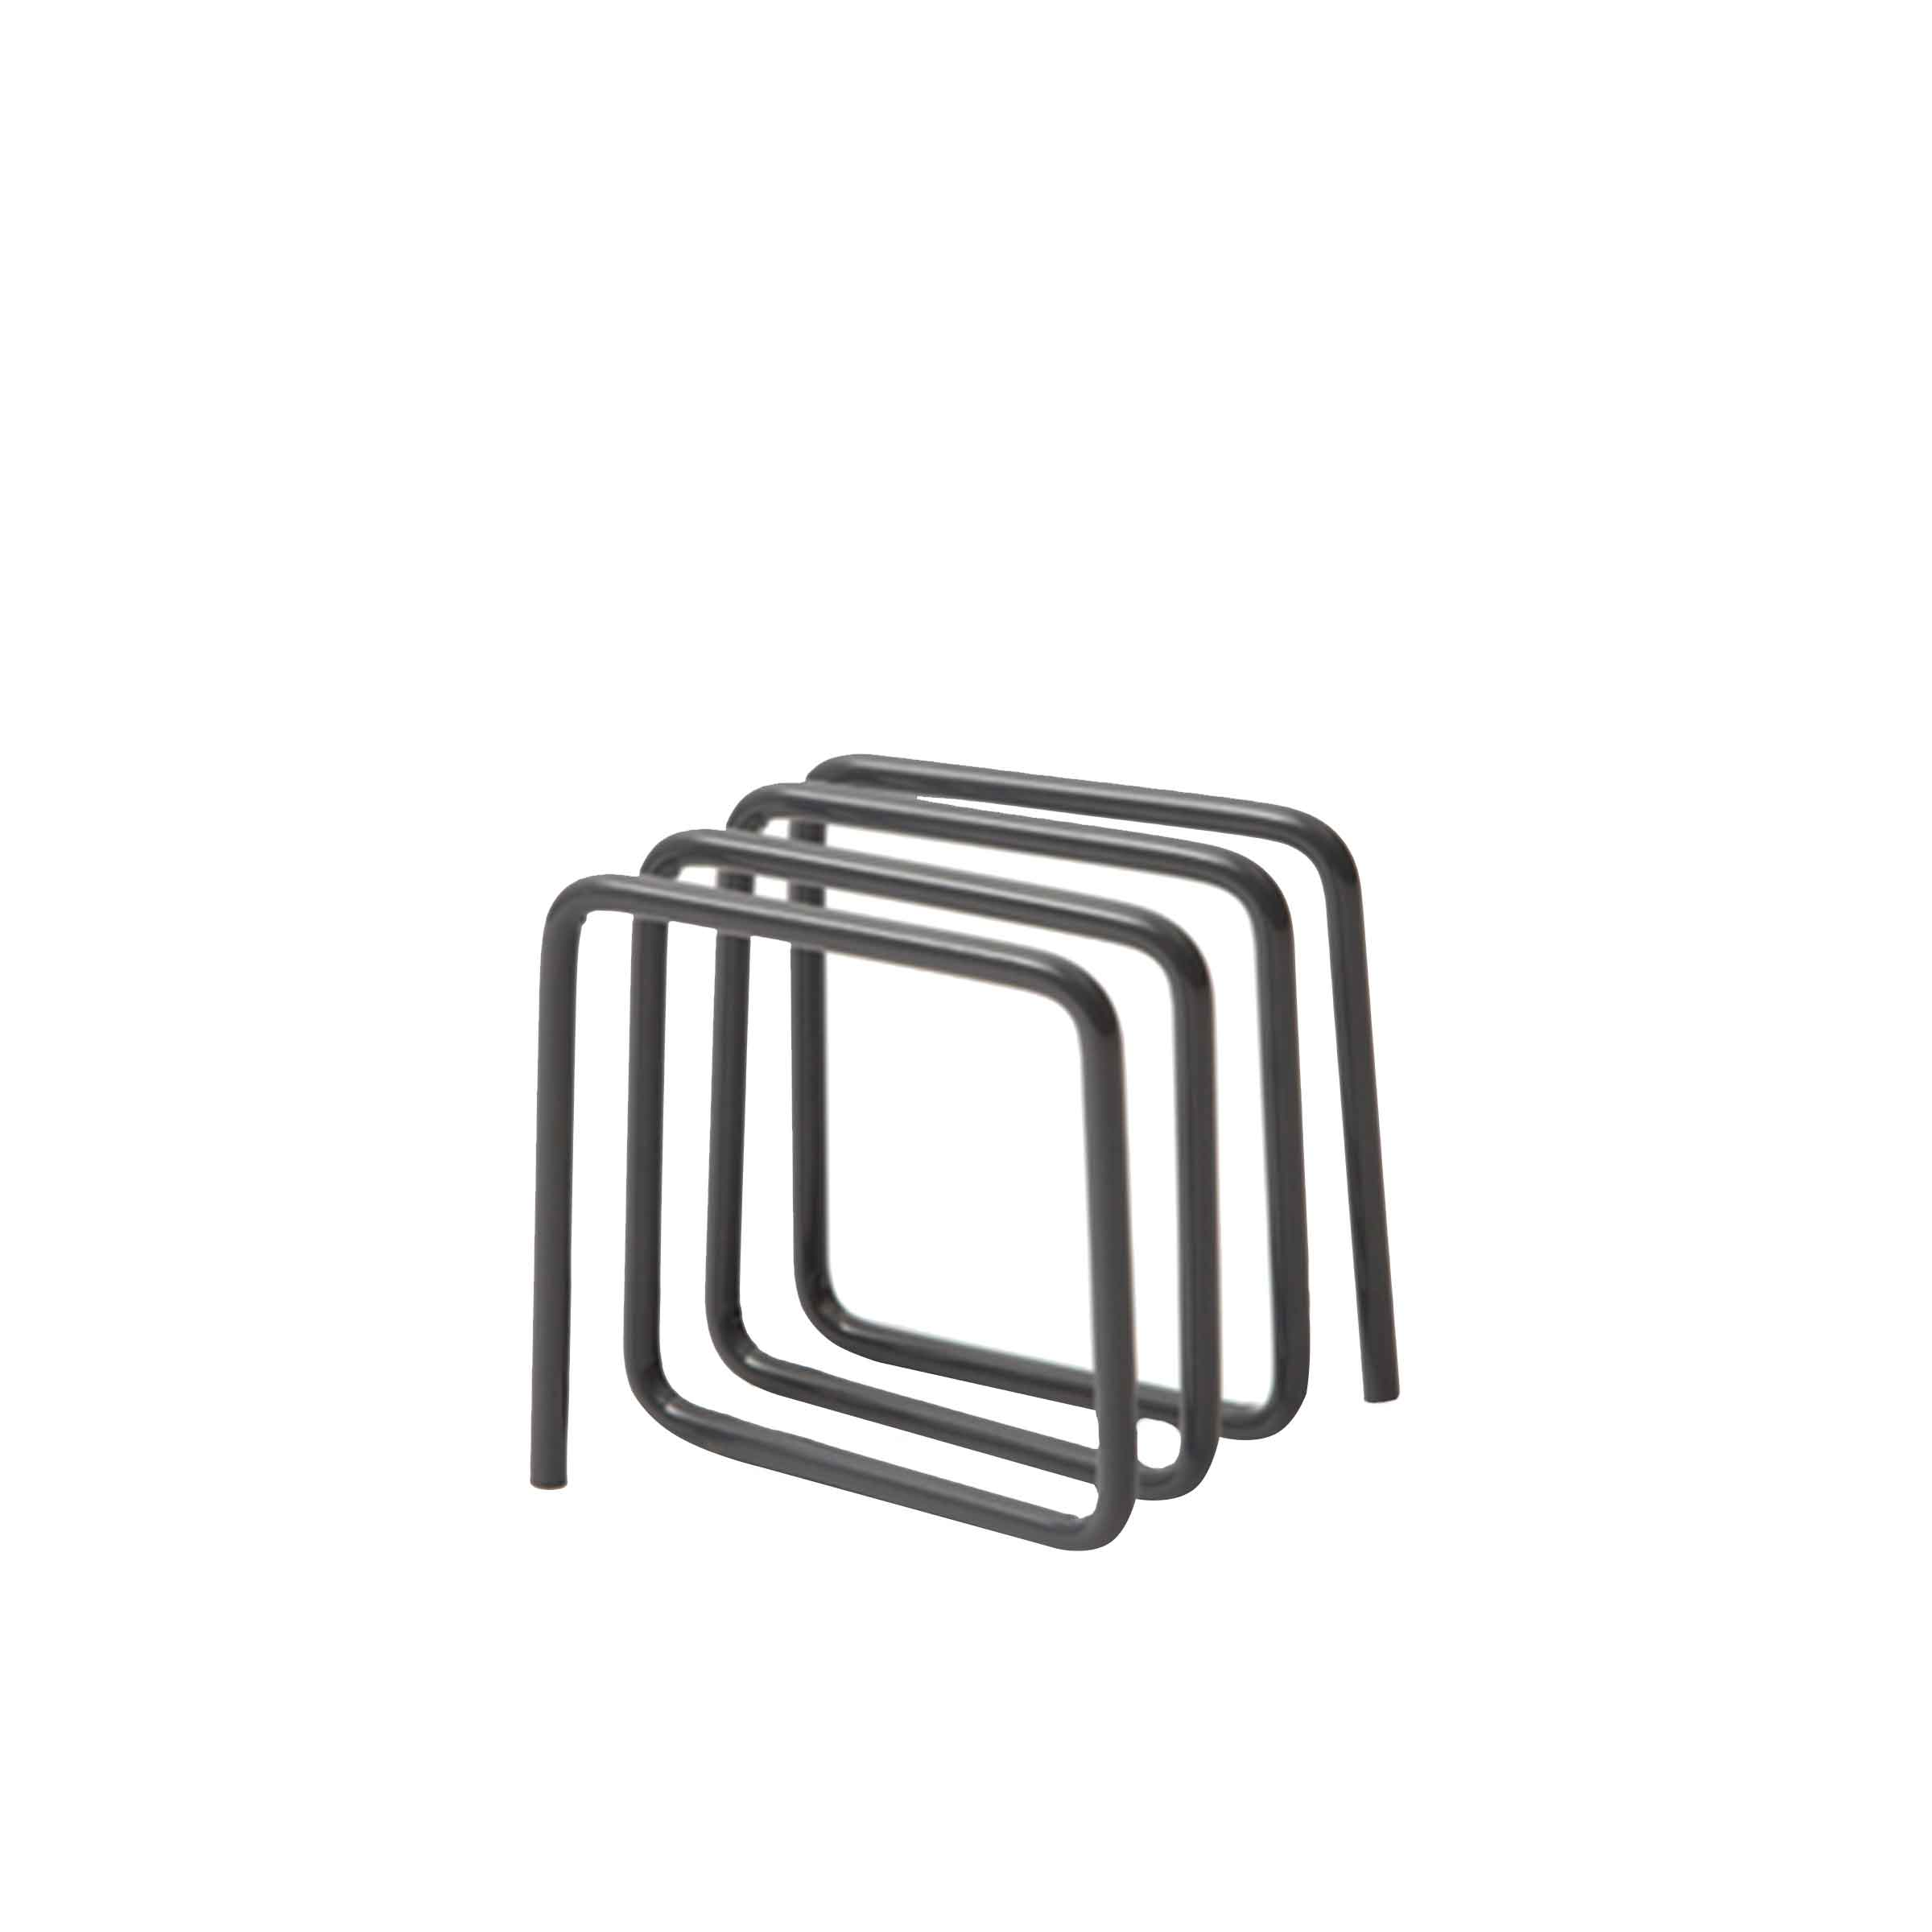 Porte-lettres design en métal gris noir